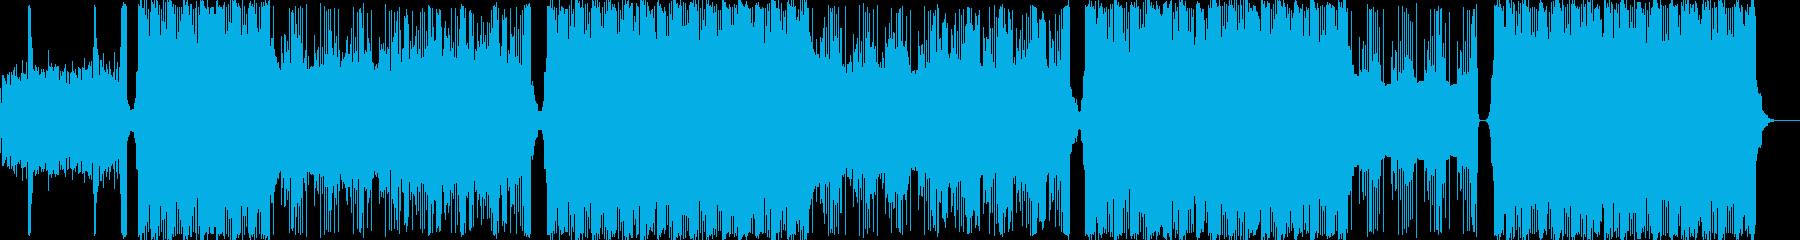 ヒップホップ/ダーク/クランク/#1の再生済みの波形